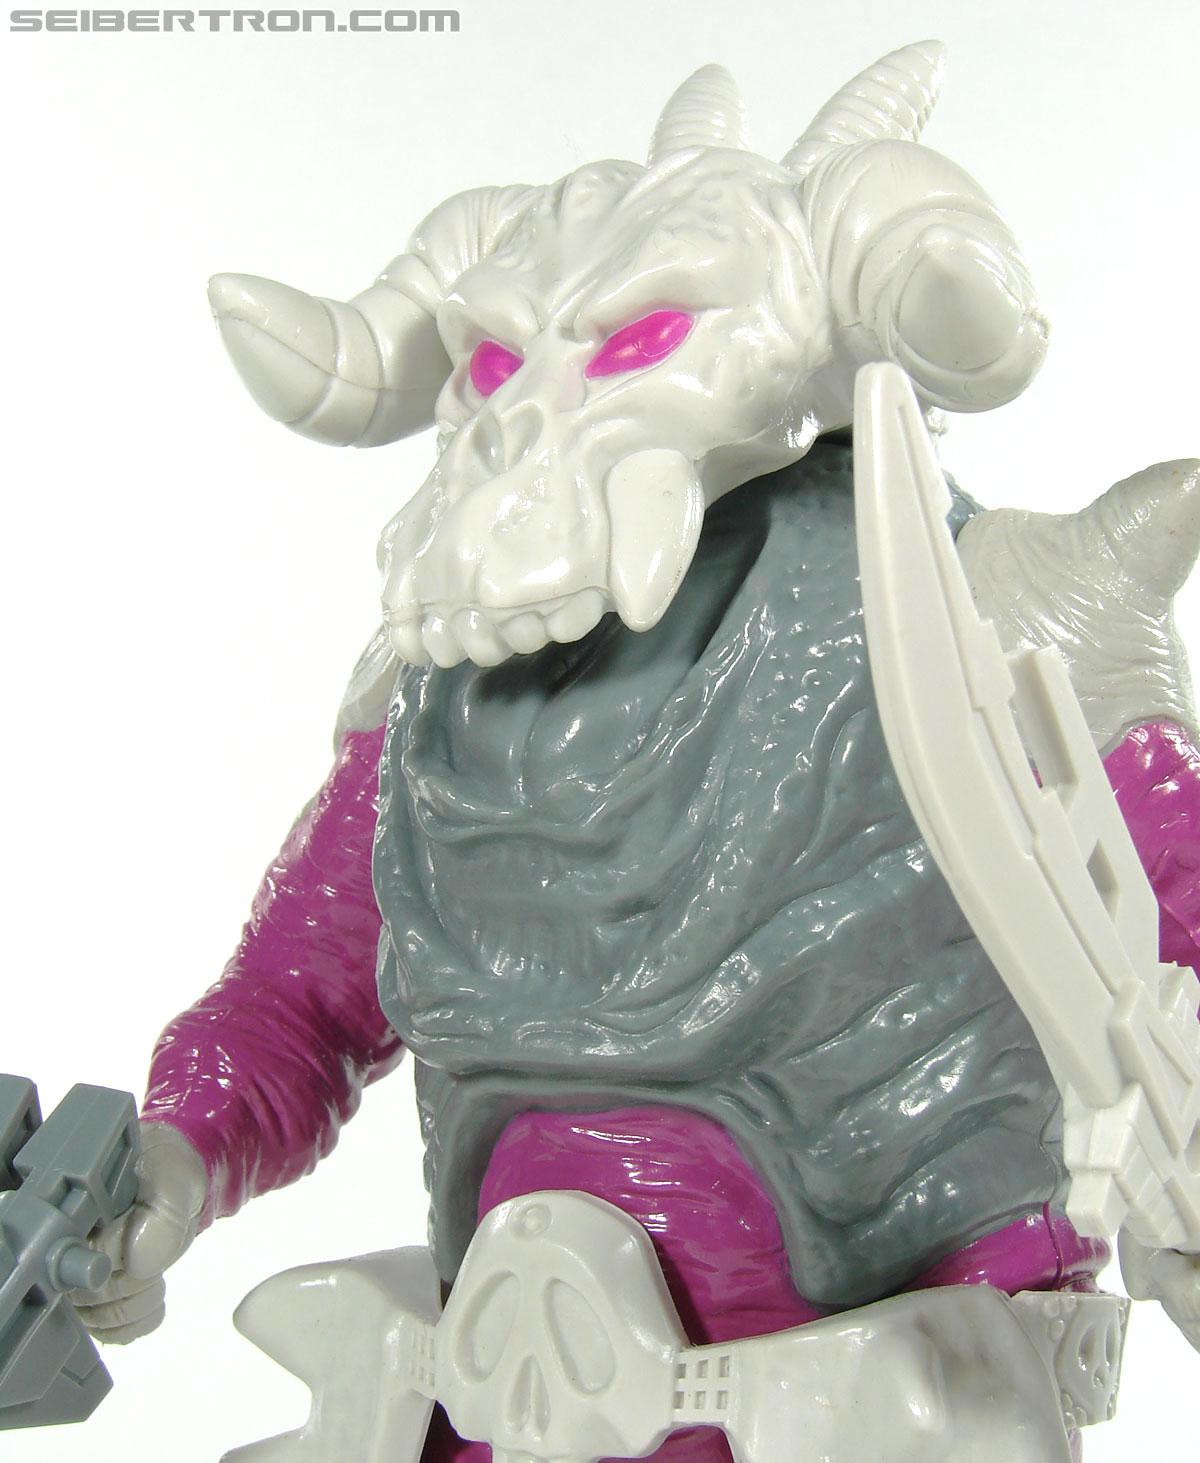 Transformers Super God Masterforce Skullgrin (Dauros) (Image #67 of 196)